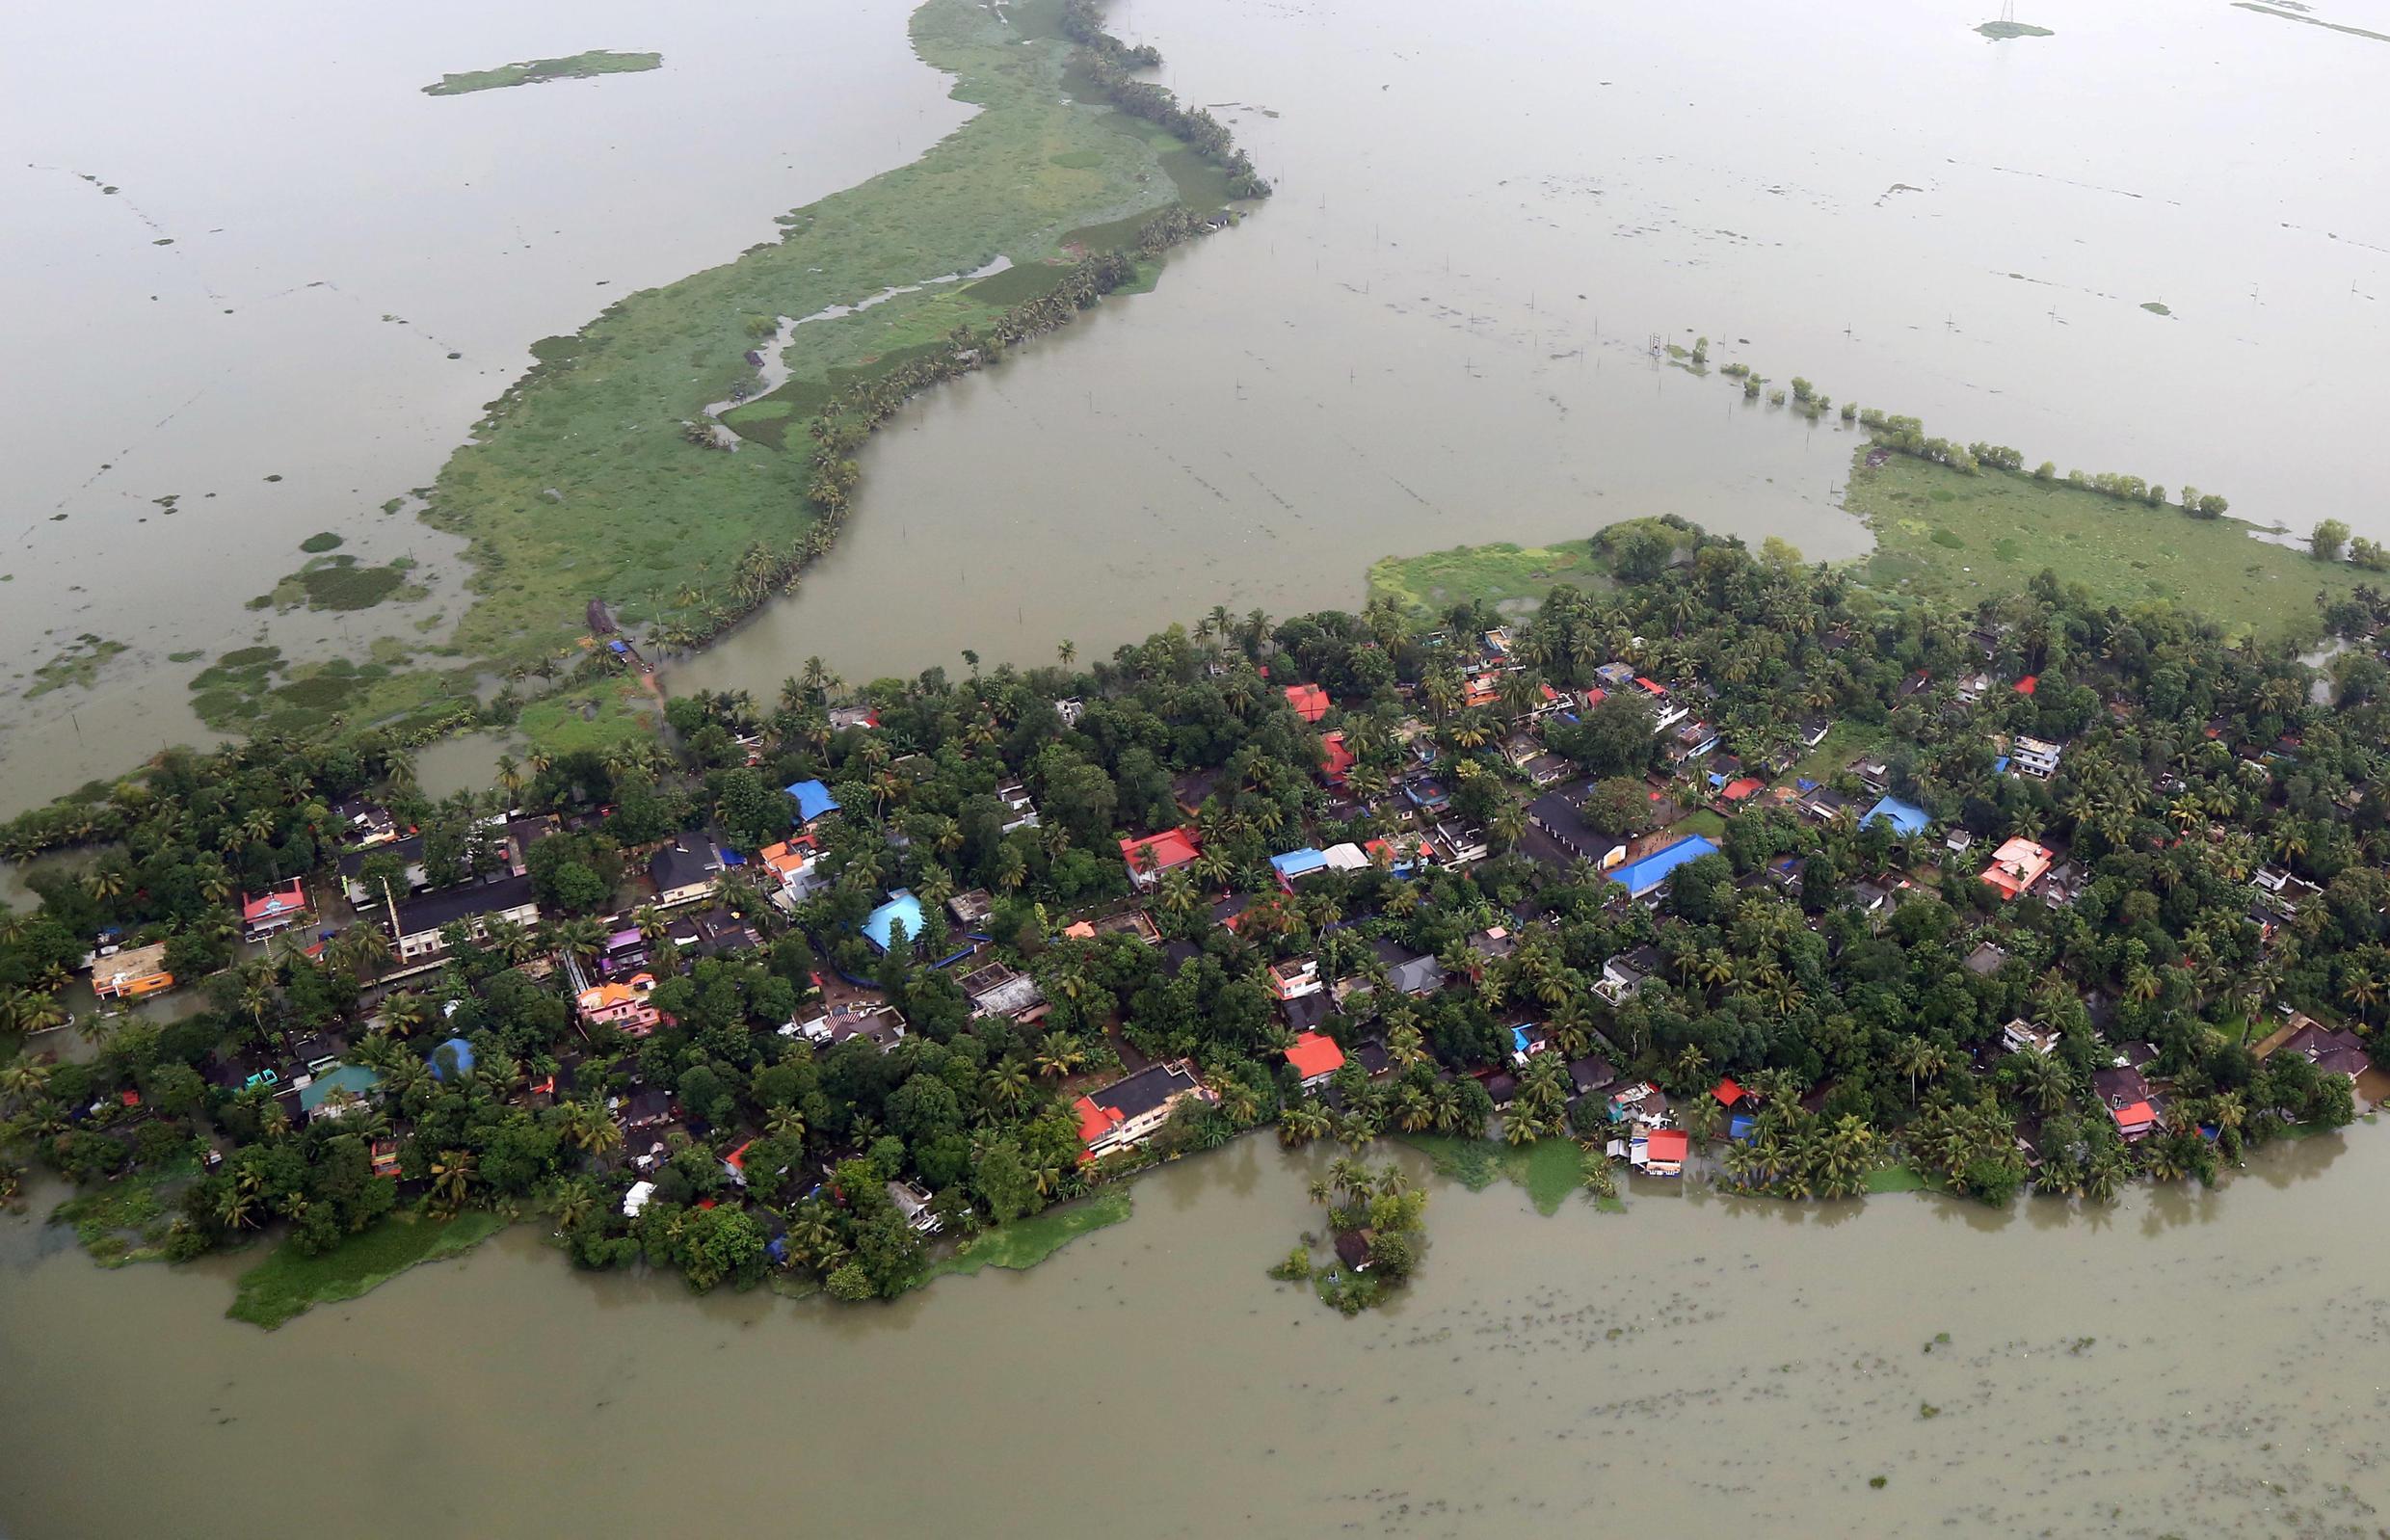 Деревня в штате Керала, Индия, 19 августа 2018.